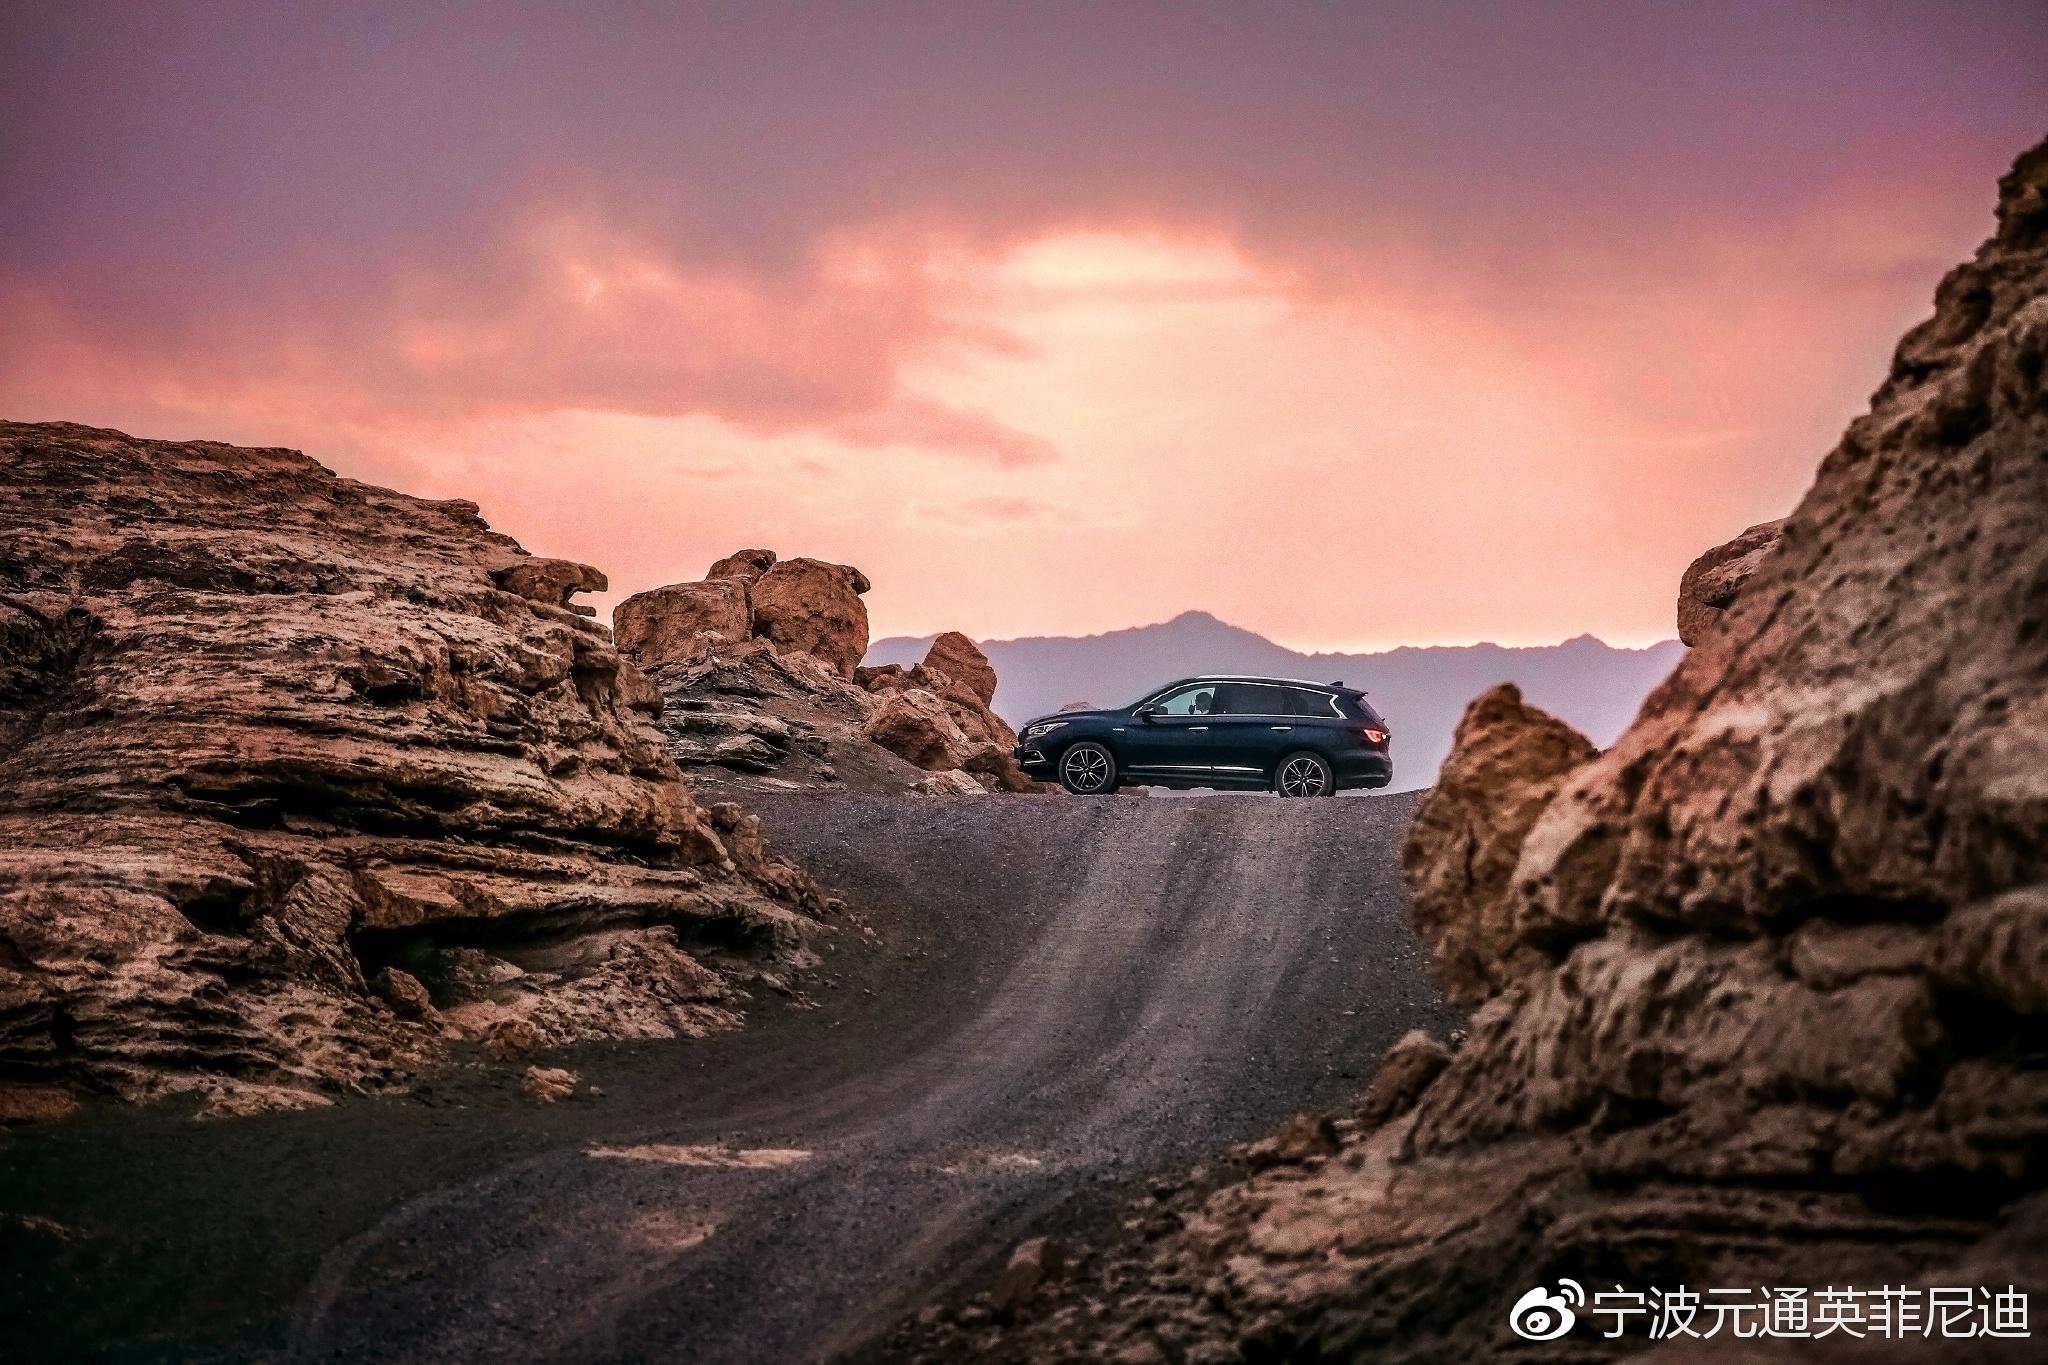 探索壮美新疆 挑战人生新高度 2017英菲尼迪SUV挑战之路正式启航